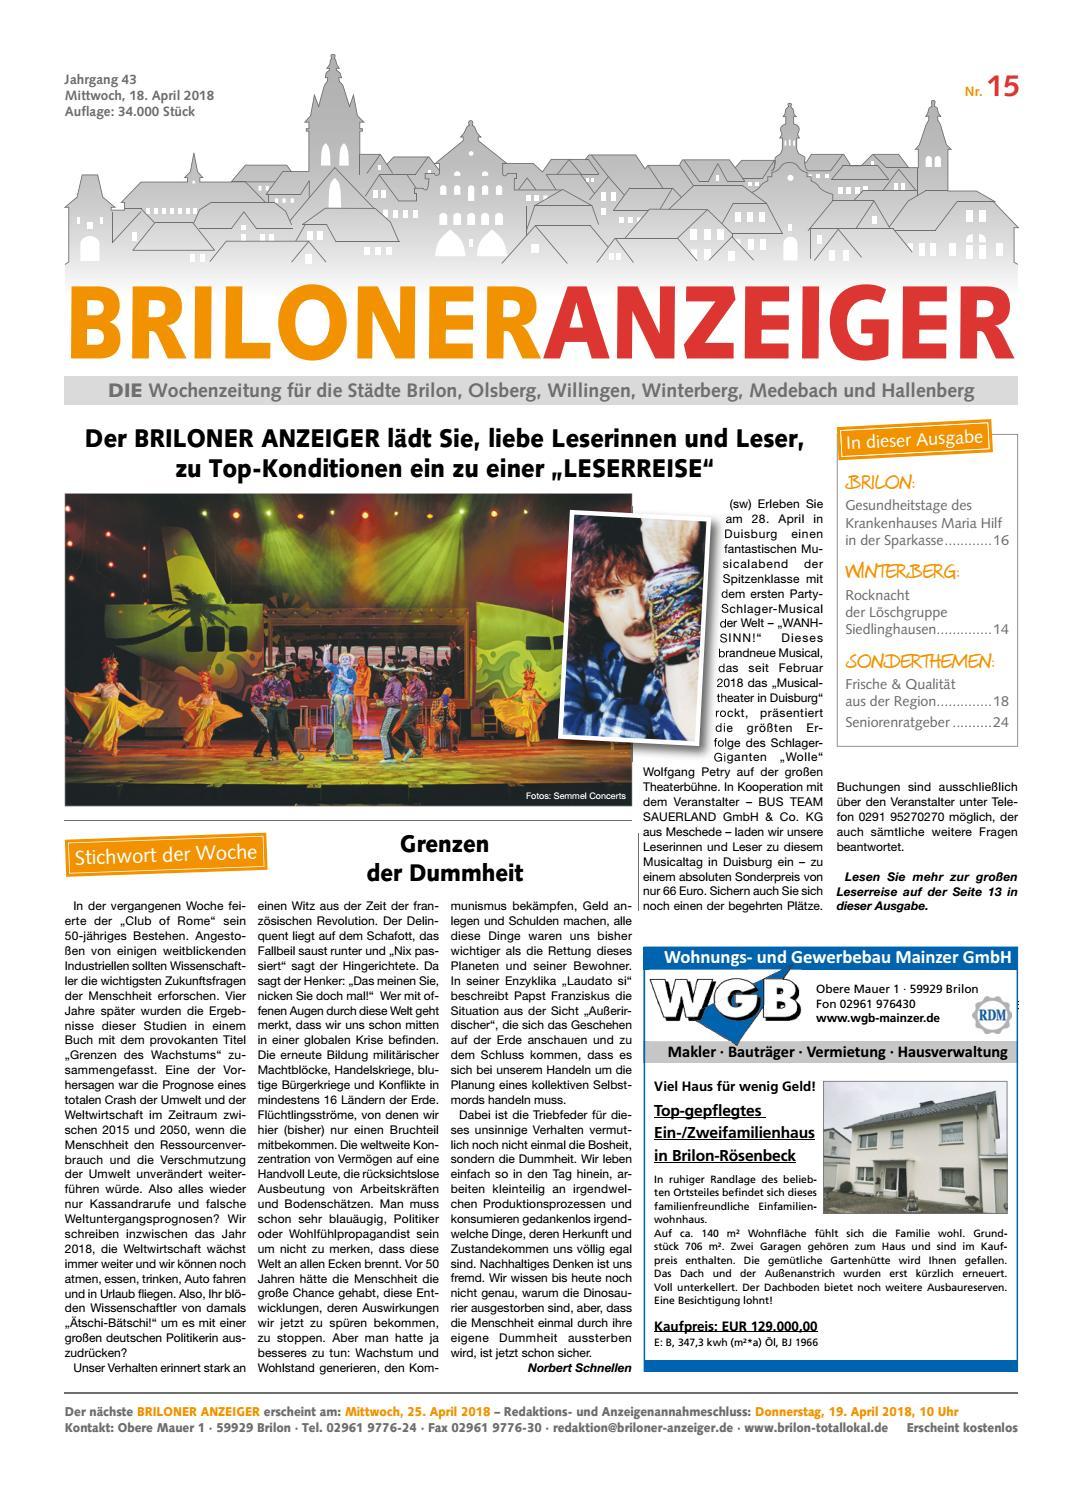 Briloner Anzeiger Ausgabe vom 18.04.2018 Nr.15 by Brilon-totallokal - issuu